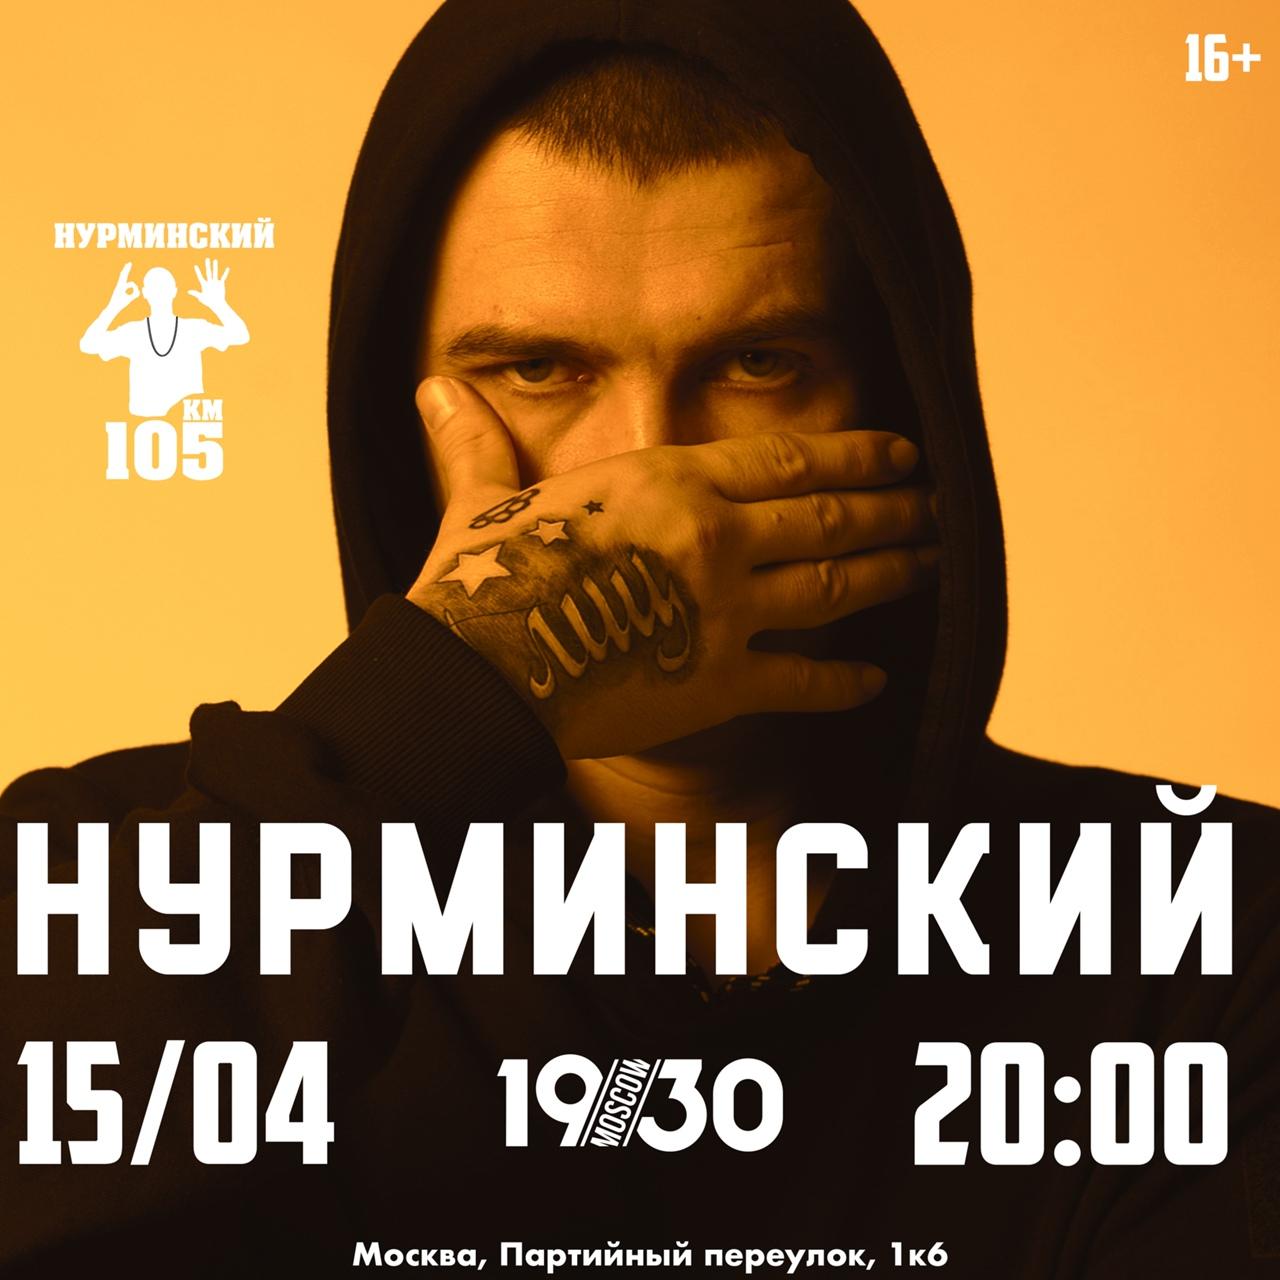 Афиша Москва Нурминский / МОСКВА / 15 апреля